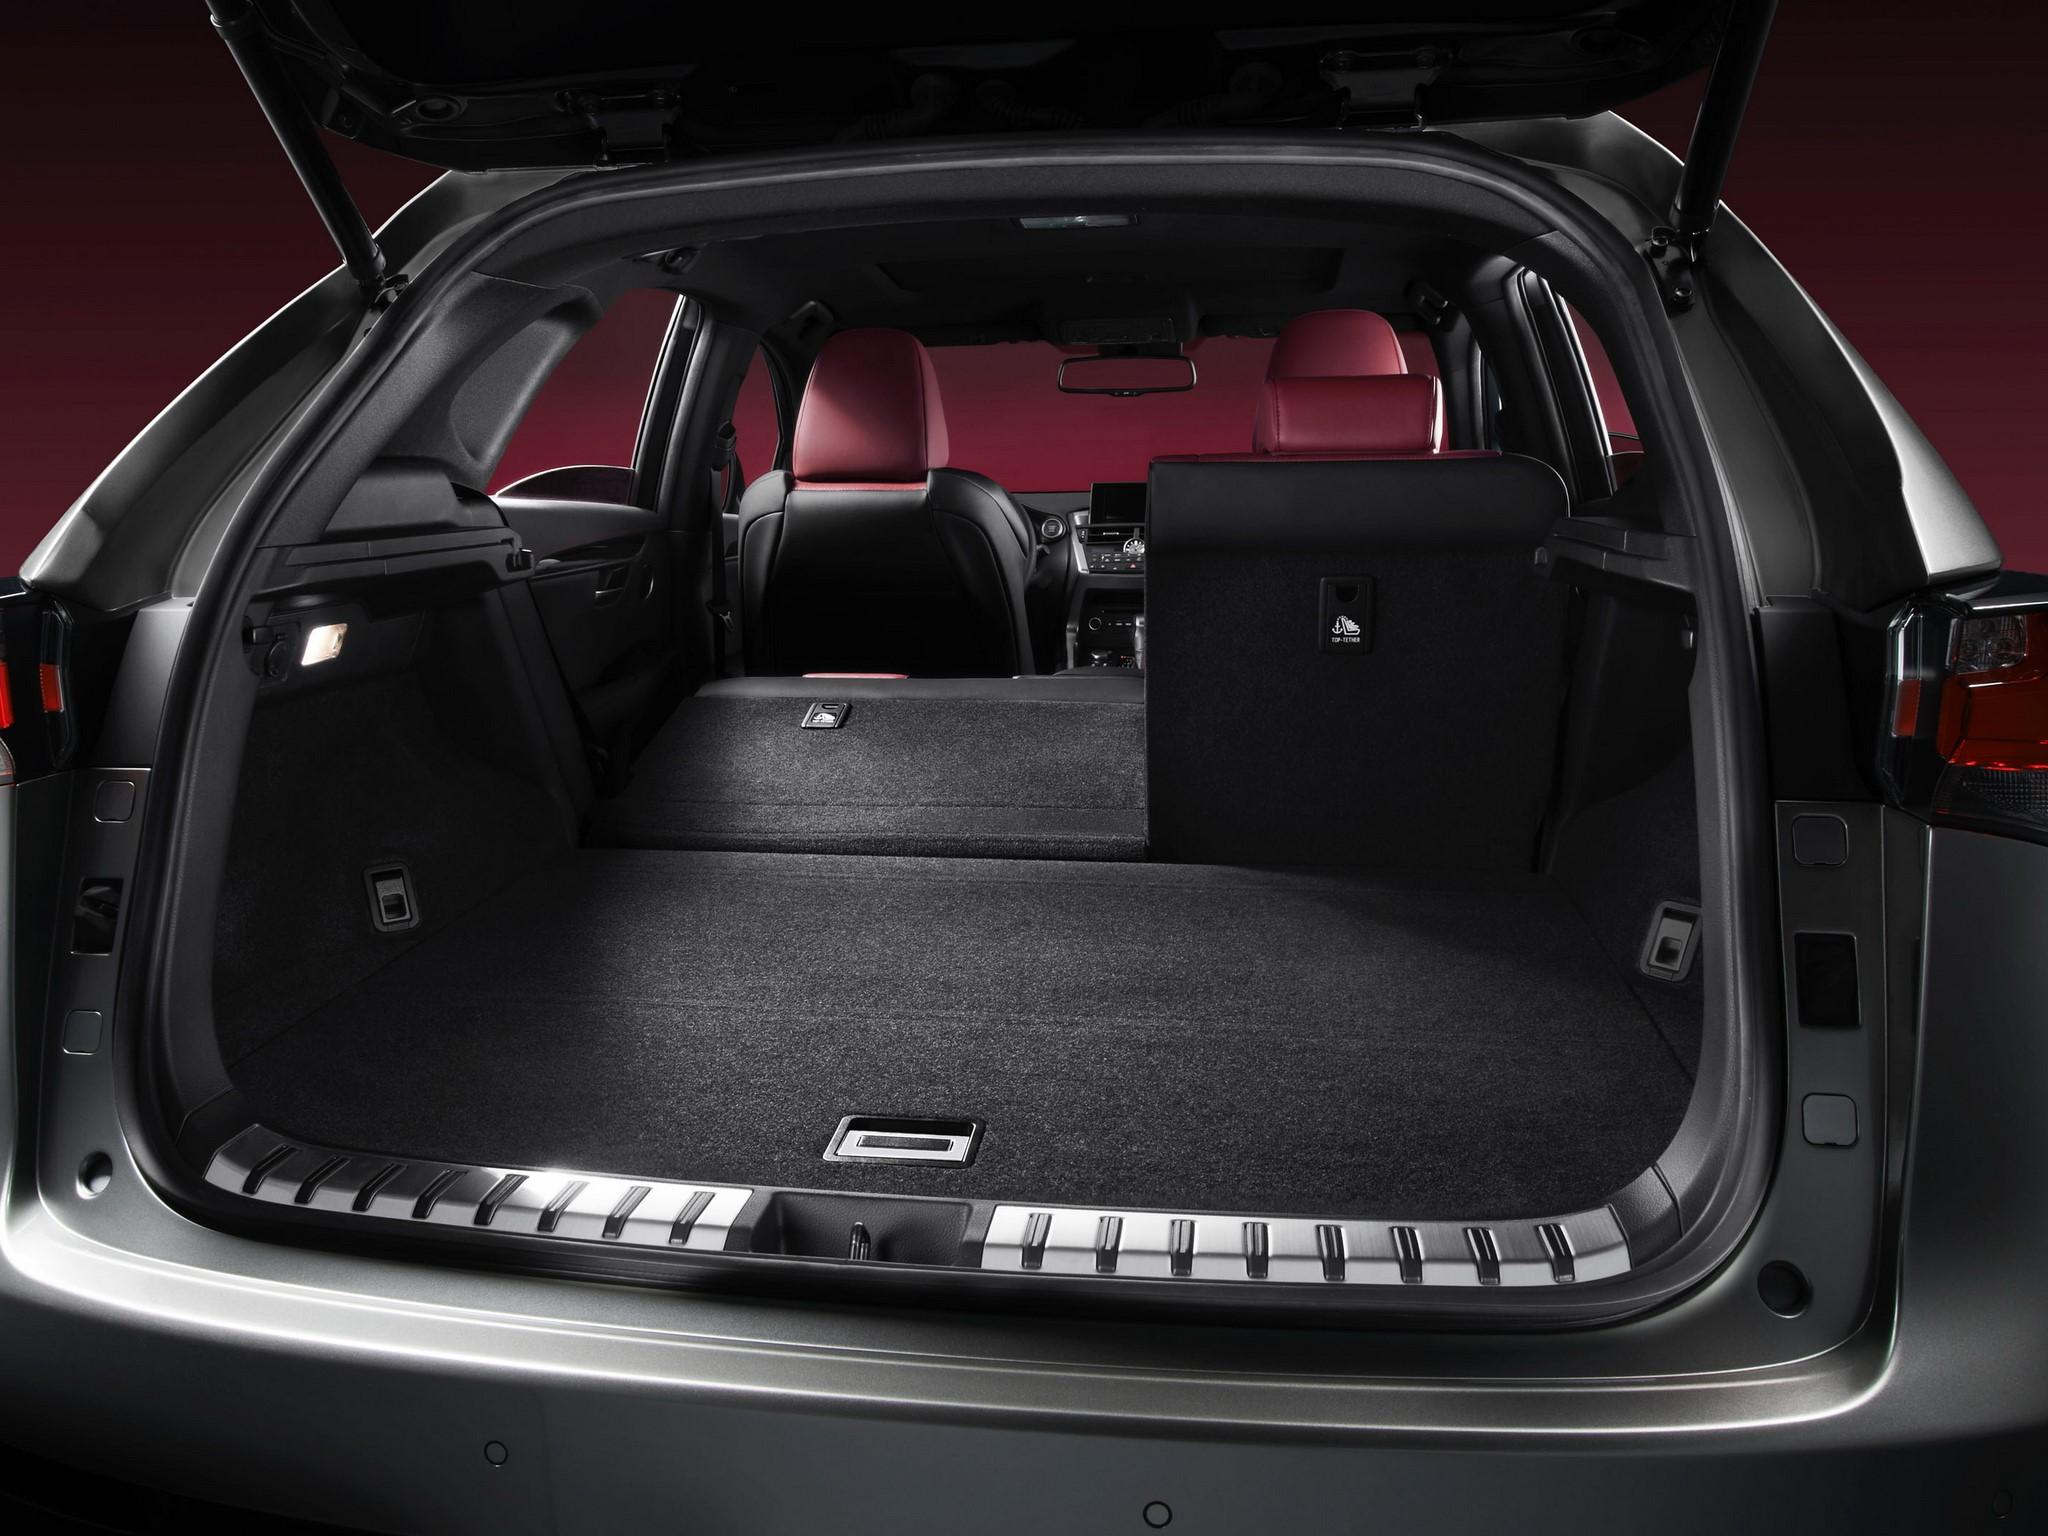 Багажник НХ 2014-го года